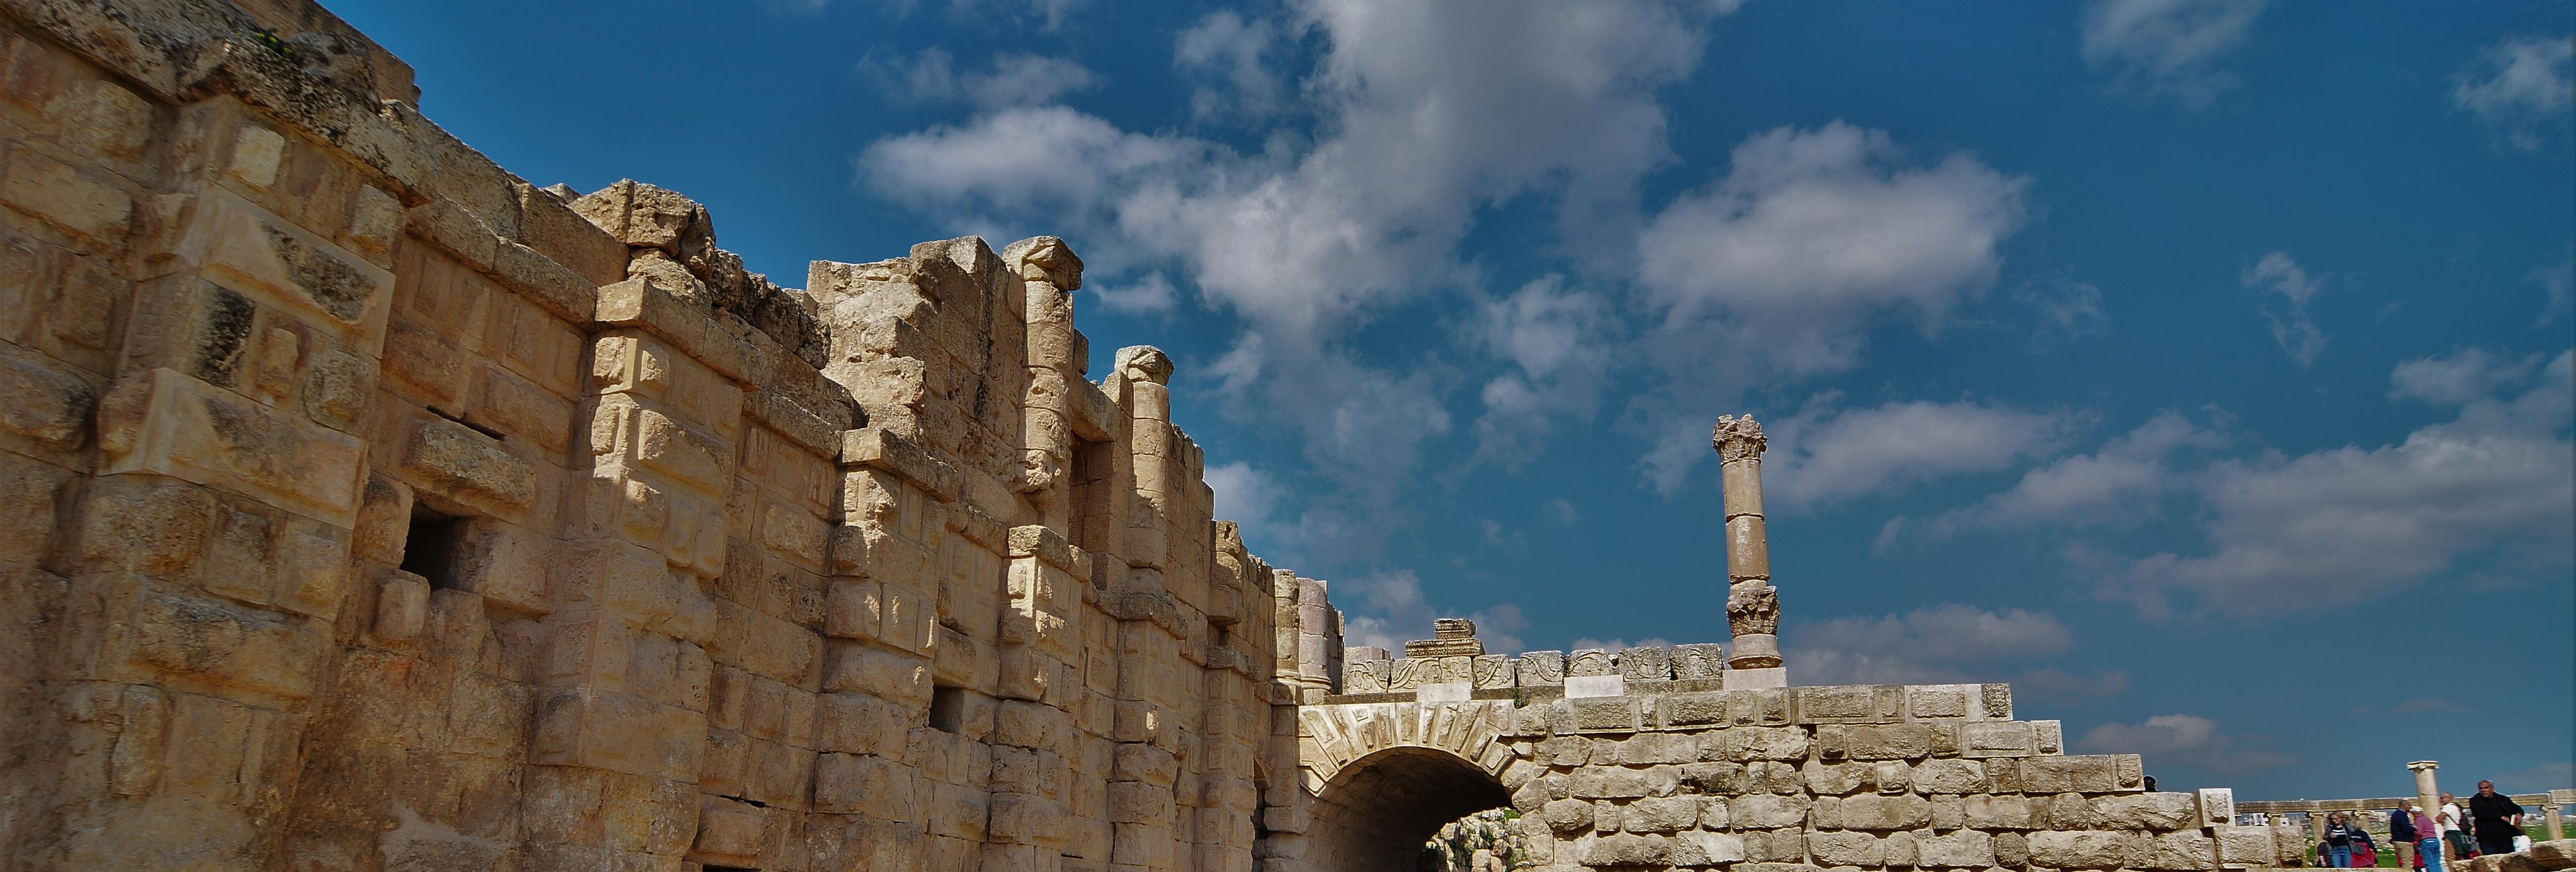 Tourism-cares-masthead-1.jpg